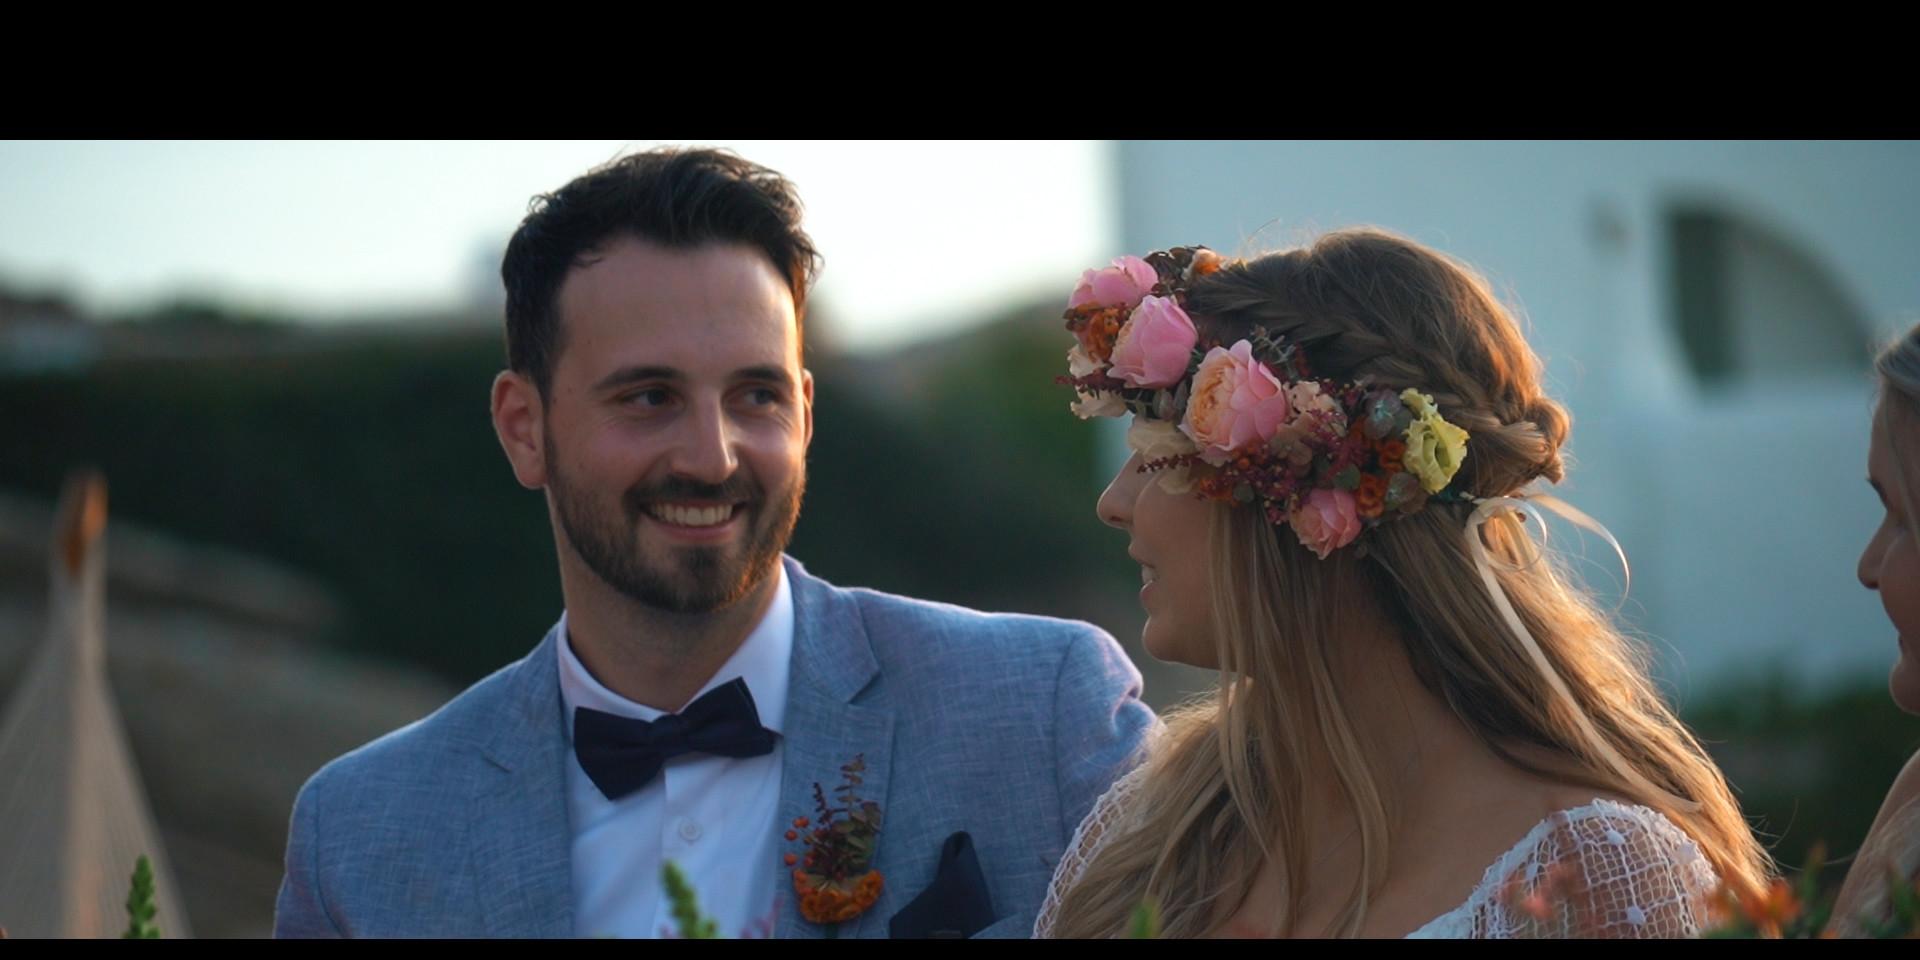 Wedding-ShortFilm.00_03_06_14.Still024.j